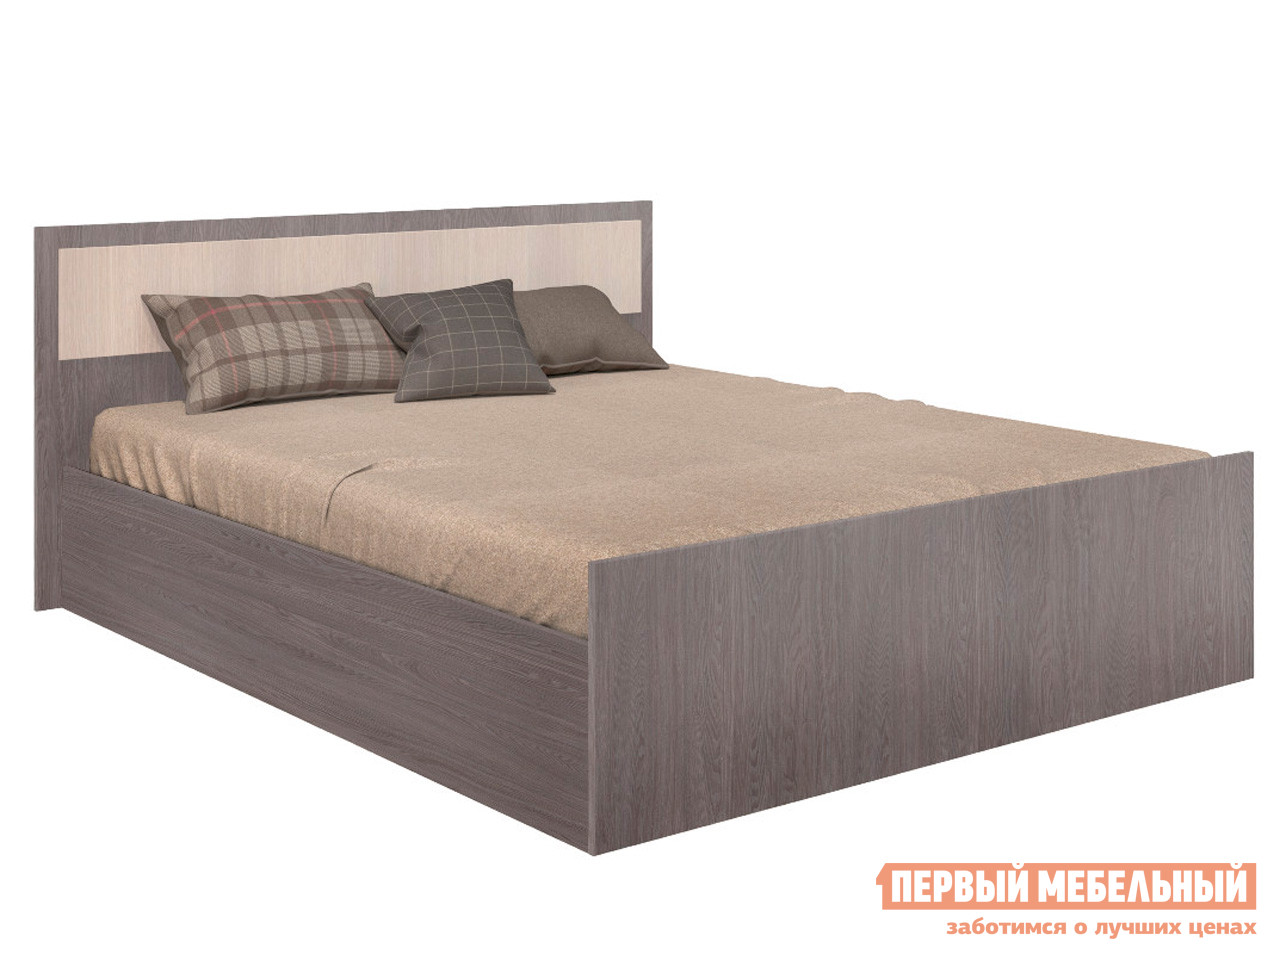 Двуспальная кровать Первый Мебельный Кровать Фиеста